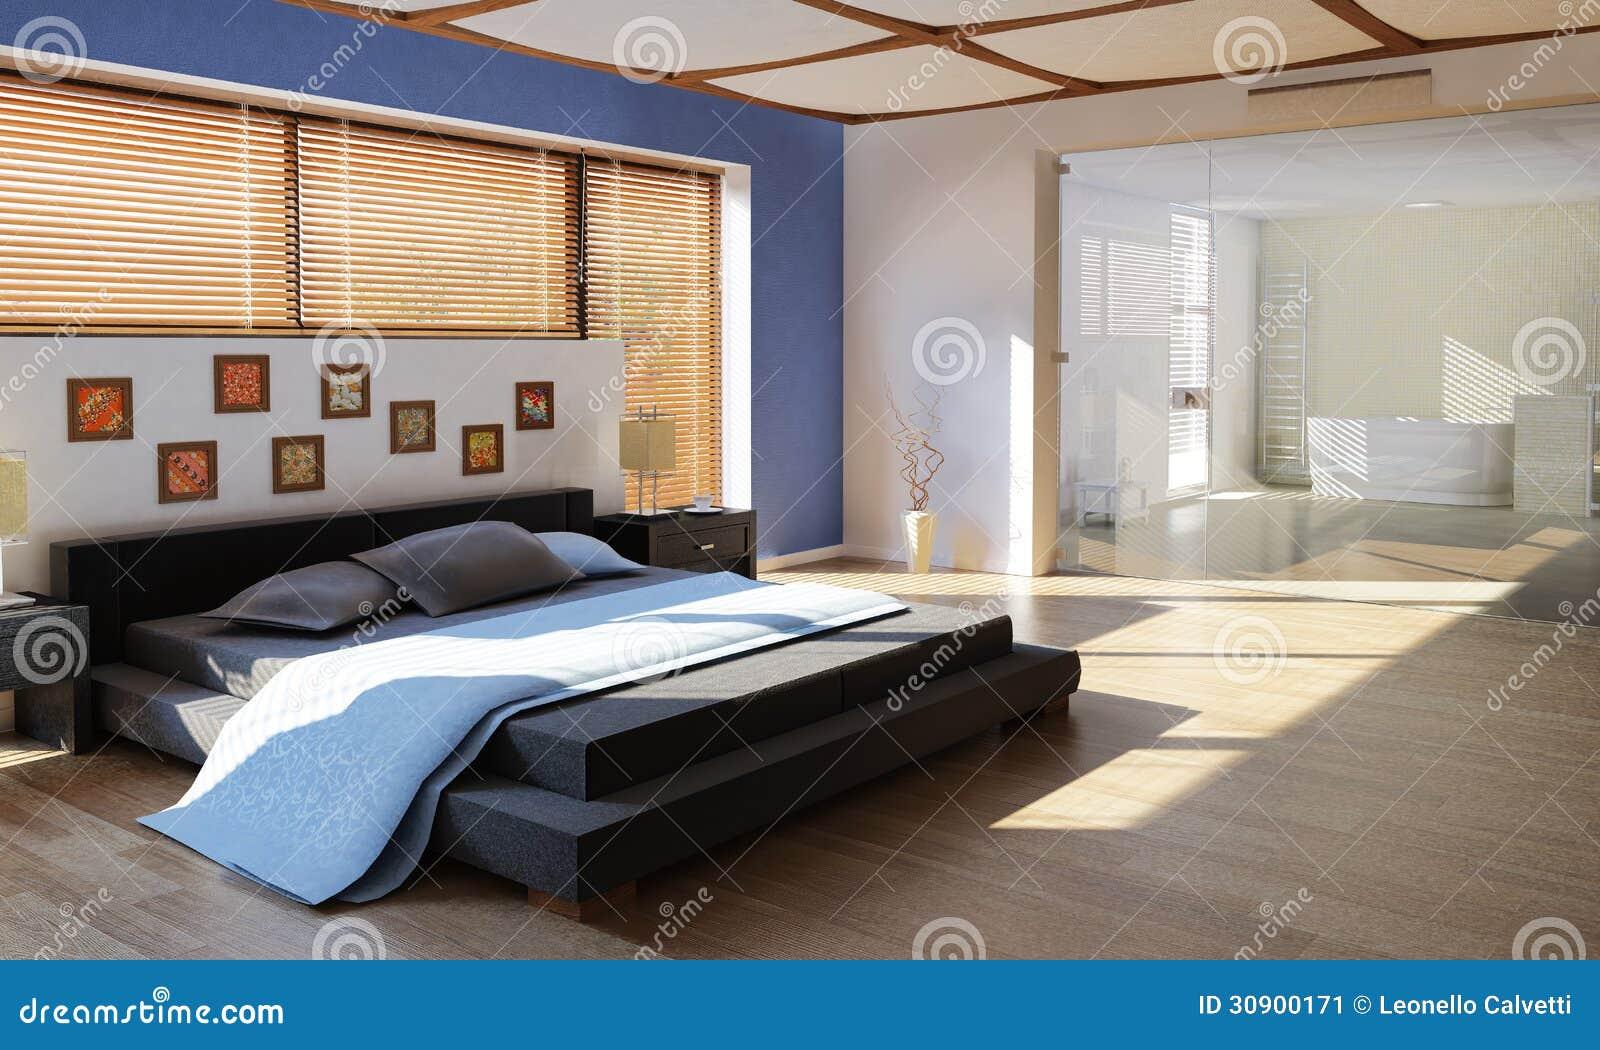 Modernes Luxusschlafzimmer Mit Badezimmer Stockbild Bild